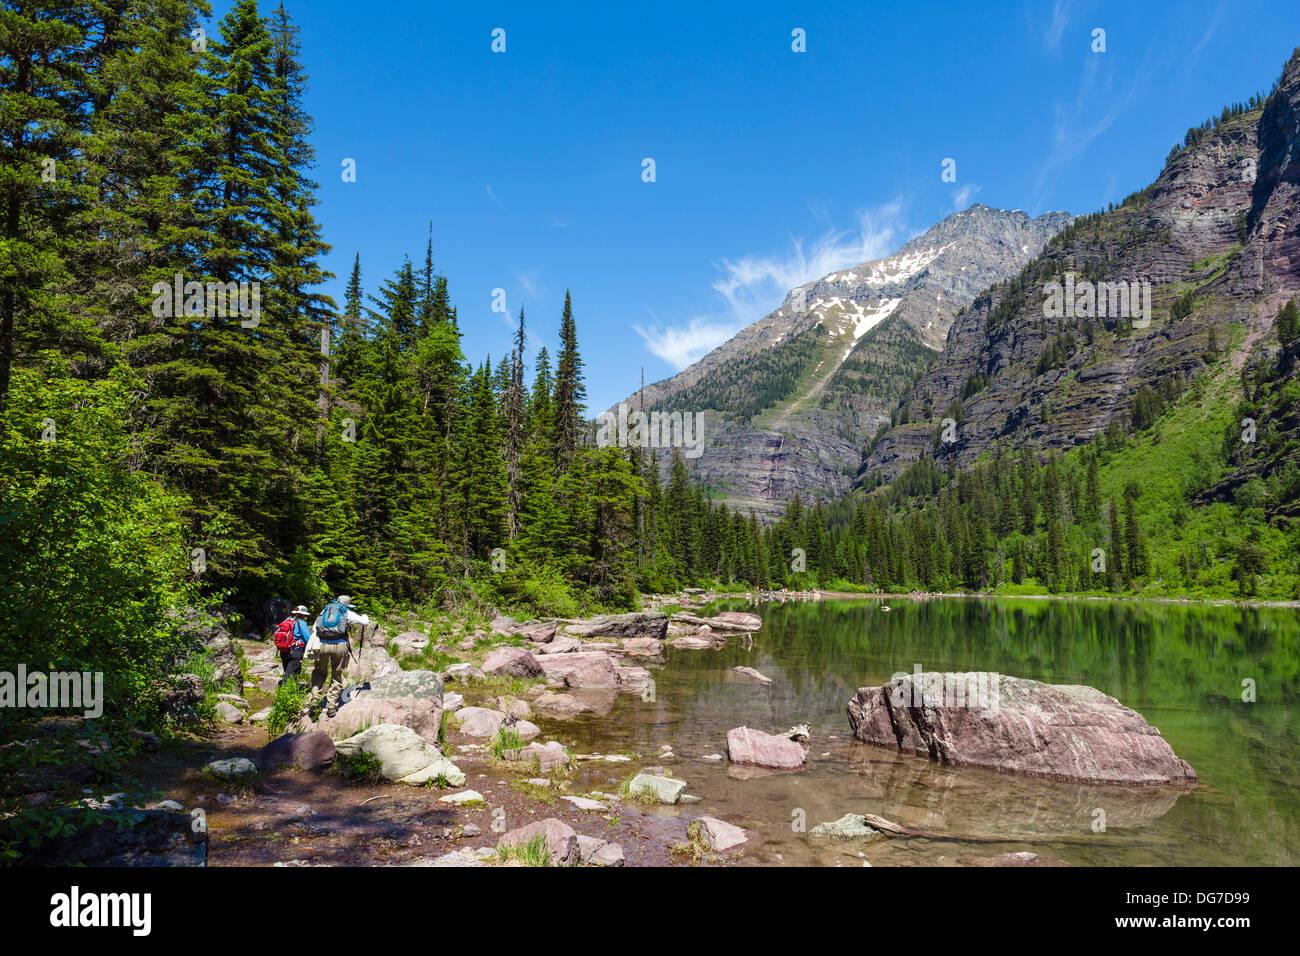 Los excursionistas en la orilla del lago de avalancha, el parque nacional de Glacier, Montana, EE.UU. Imagen De Stock